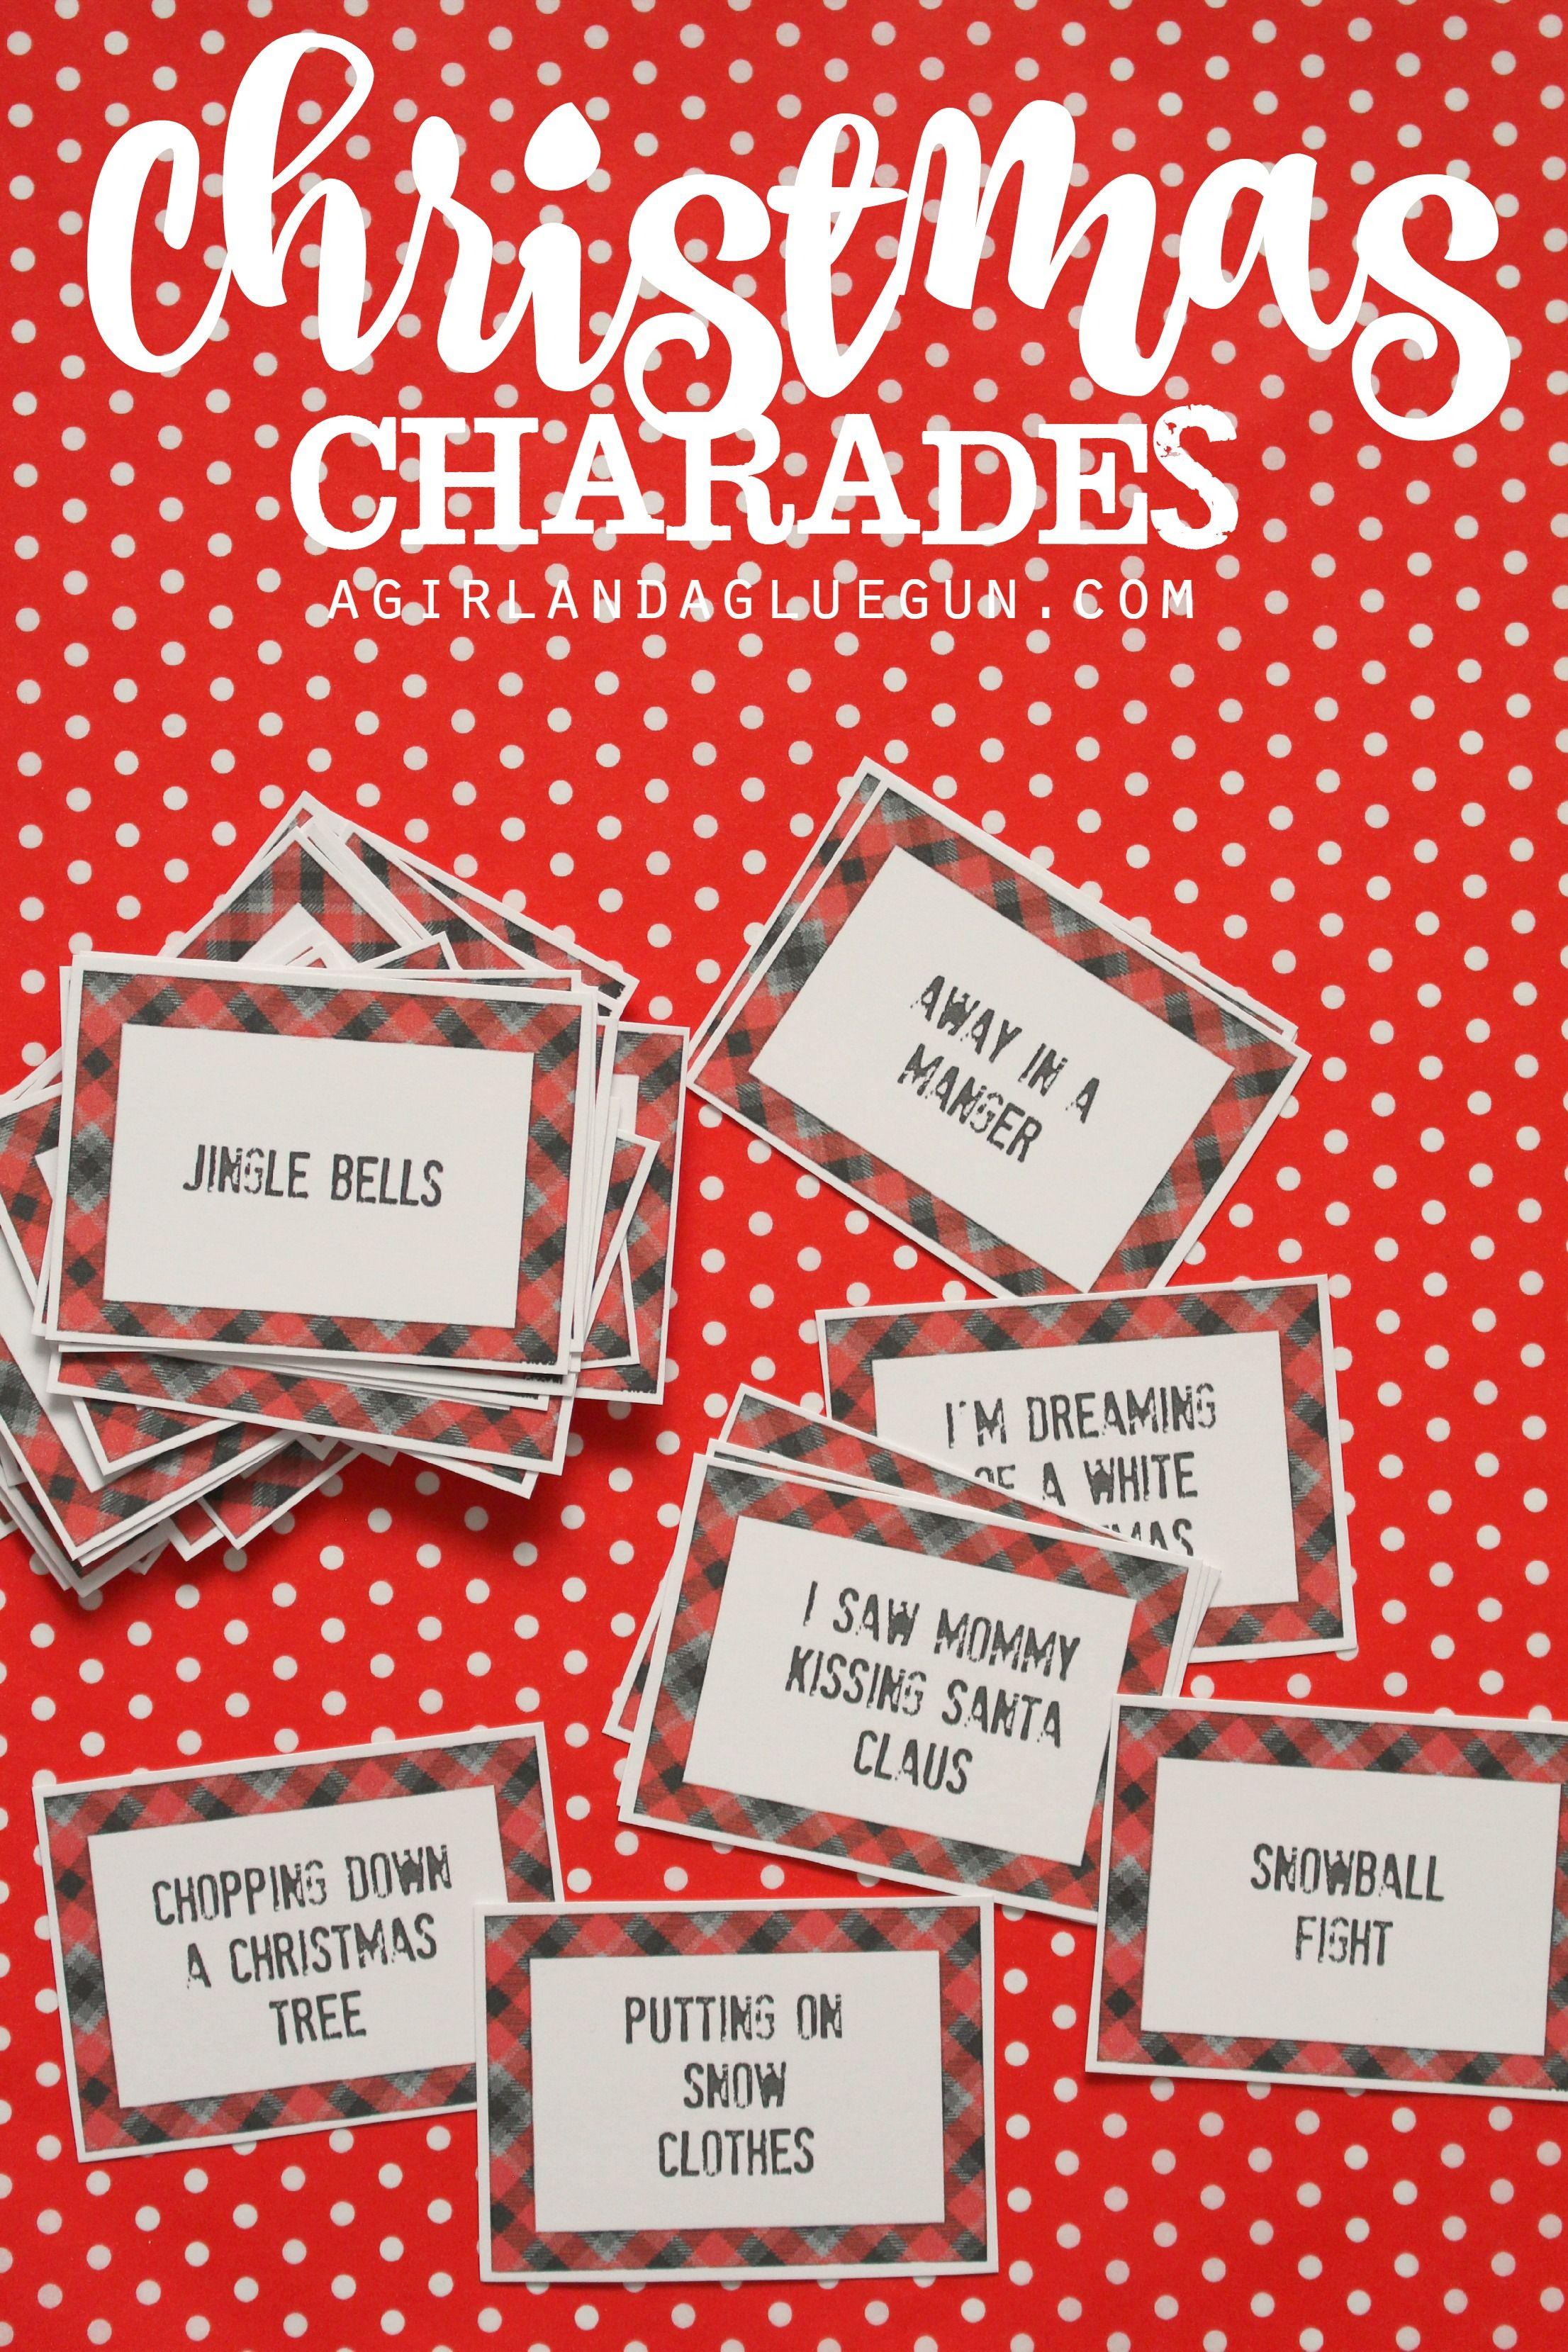 Christmas Charades Game And Free Printable Roundup | Holiday - Free Printable Christmas Charades Cards